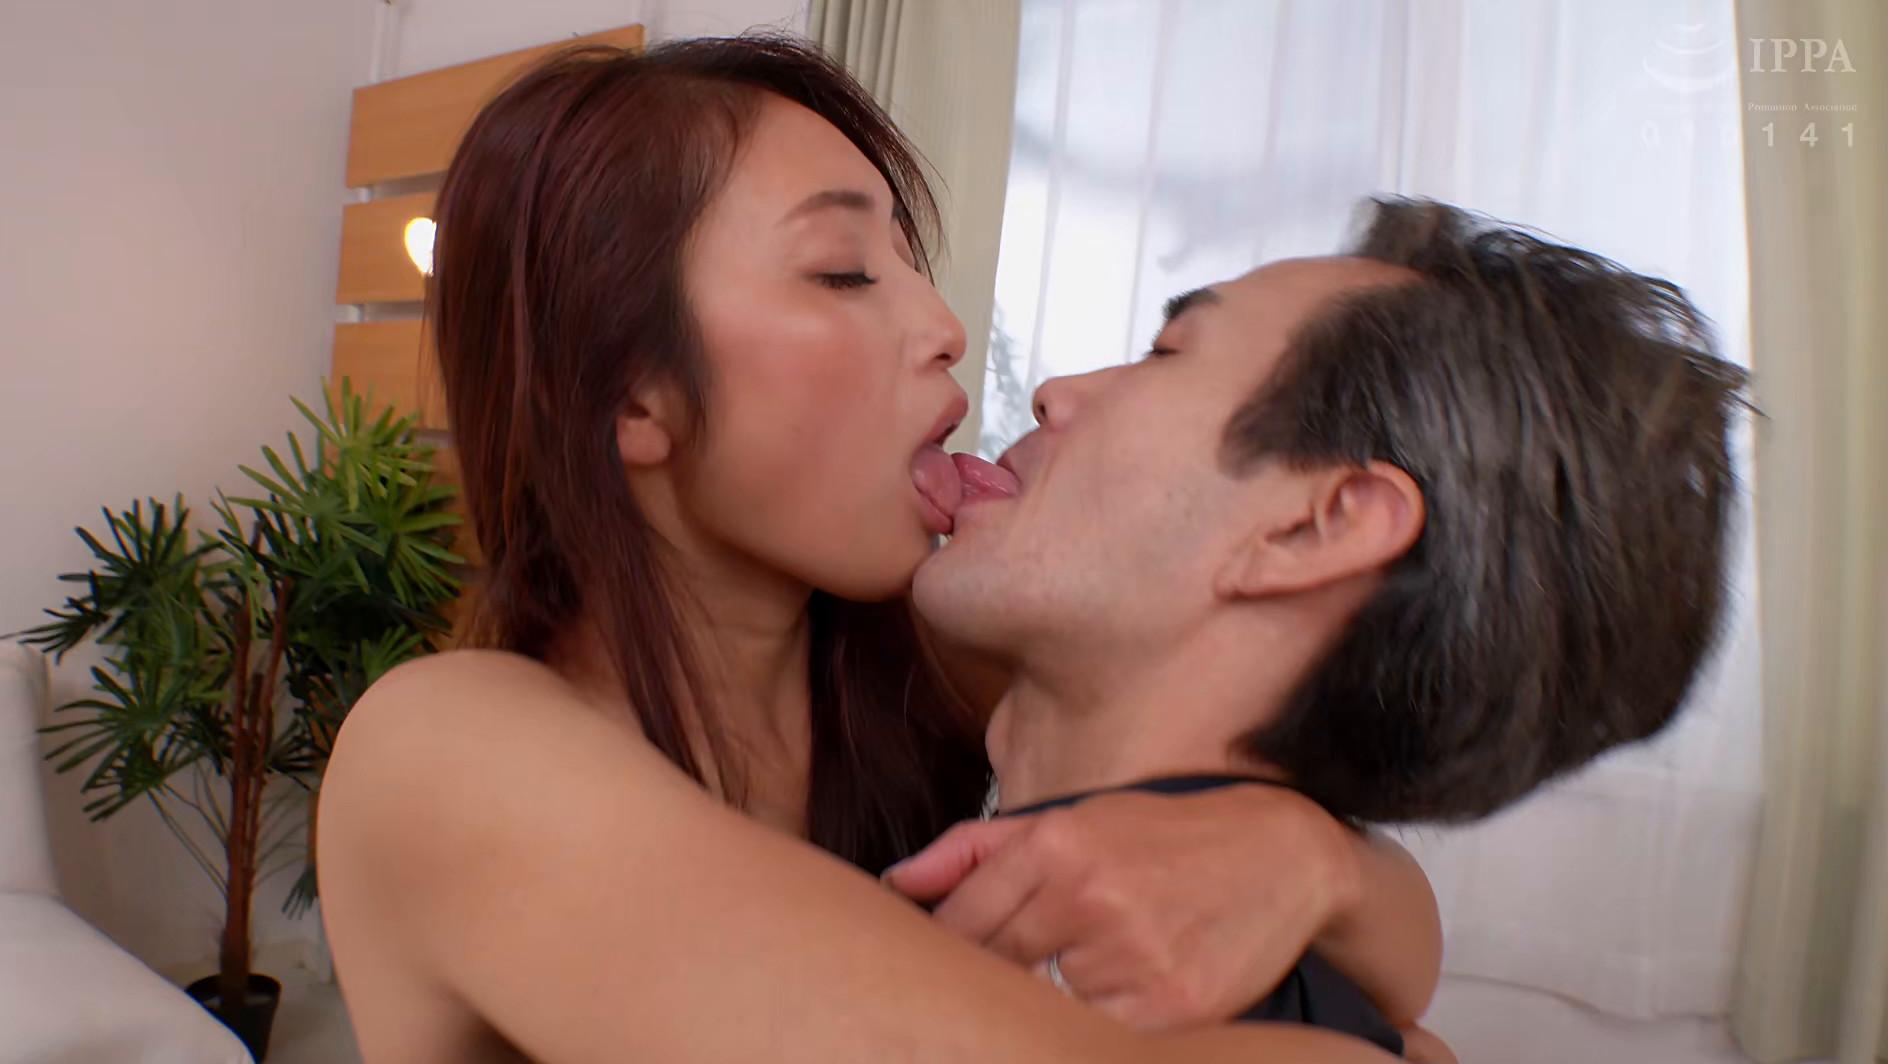 魅惑のザーメン妻 美しい奥様と連続ファック 小早川怜子 画像16